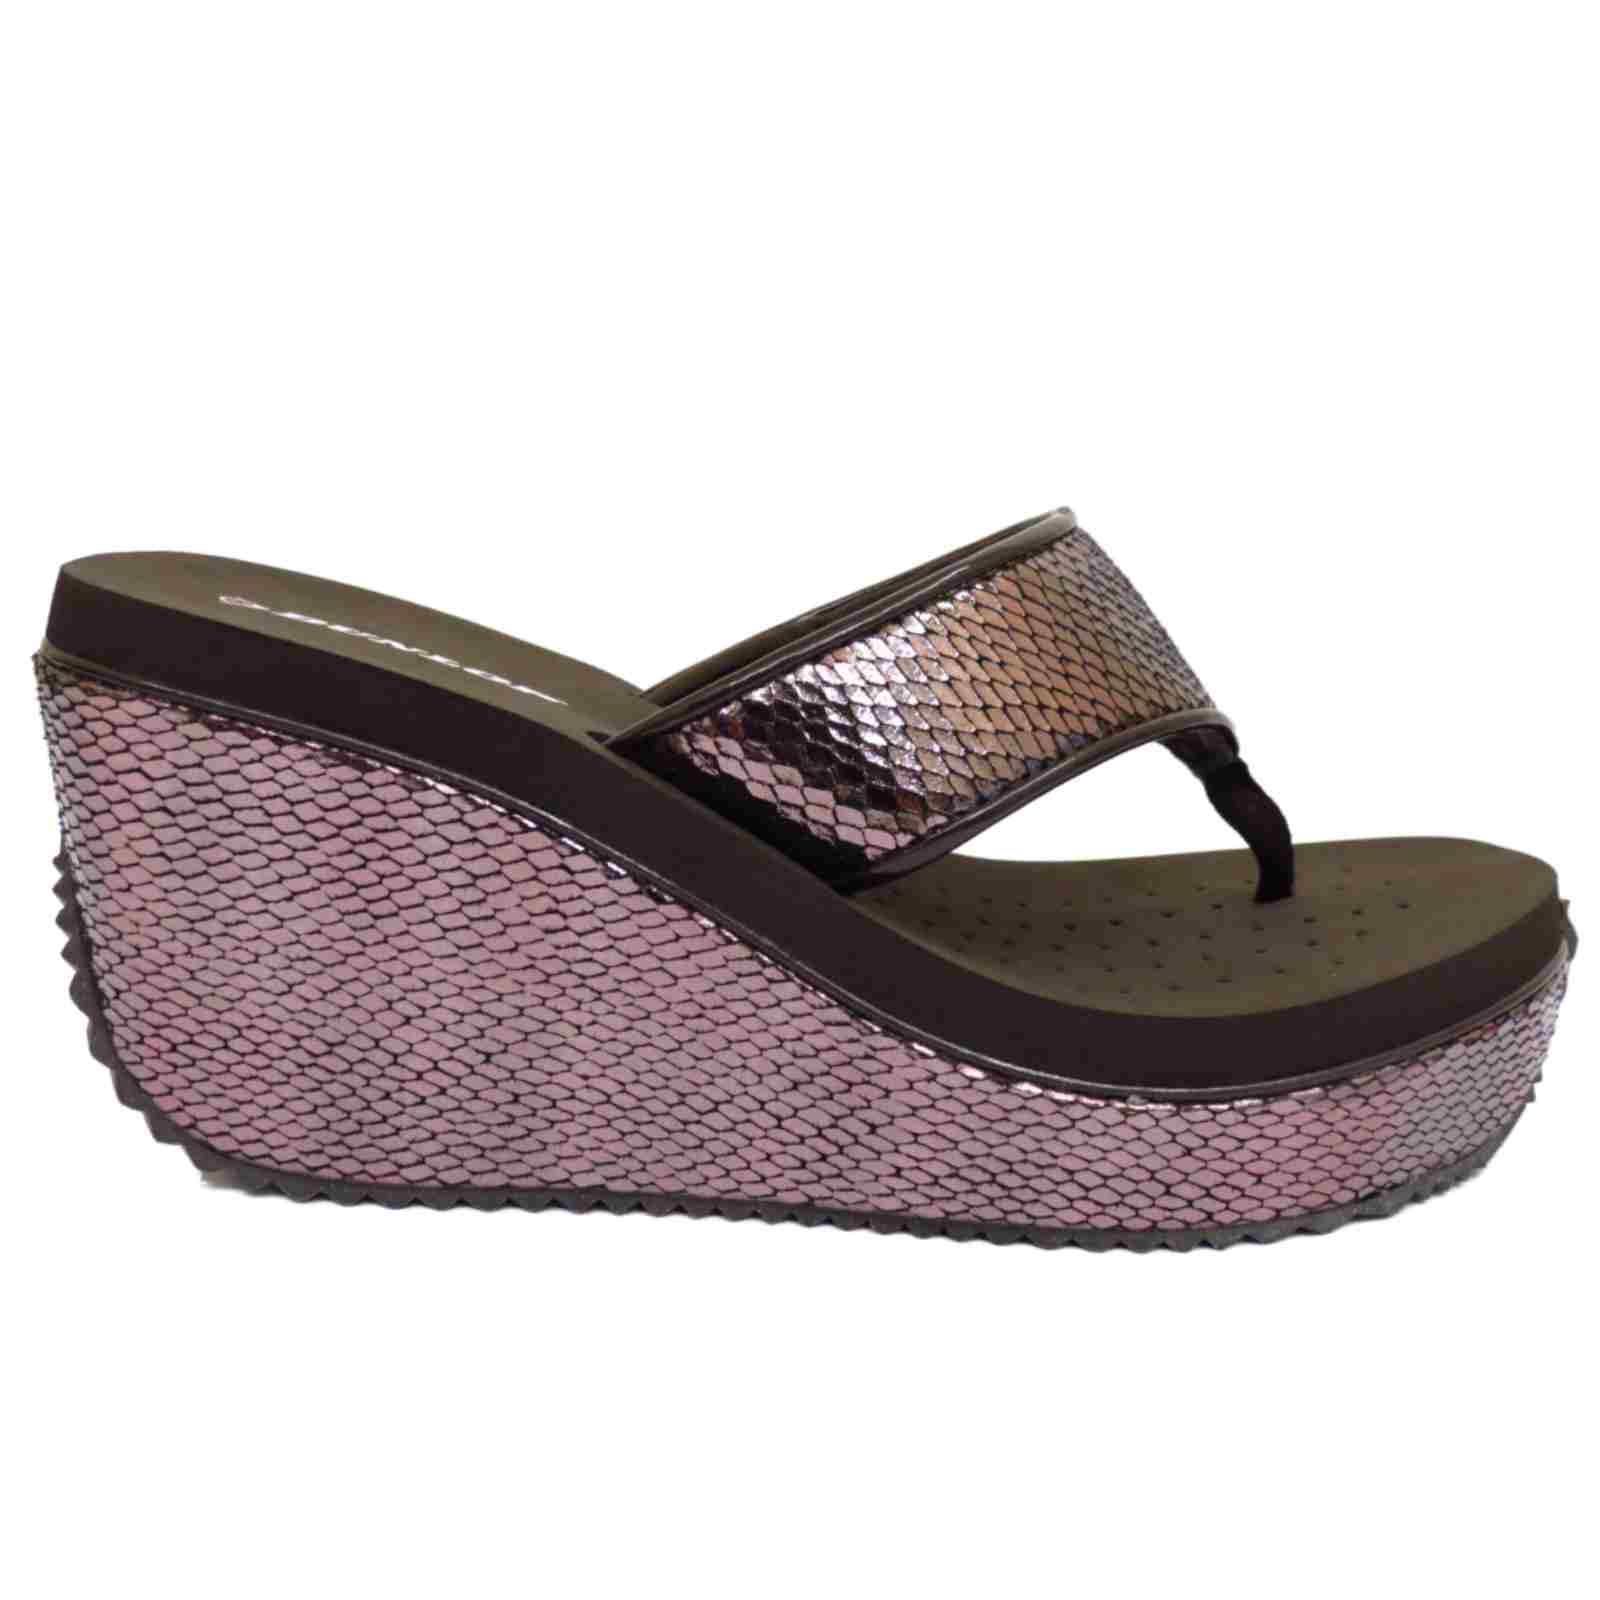 Ladies Brown Wedge Shoes